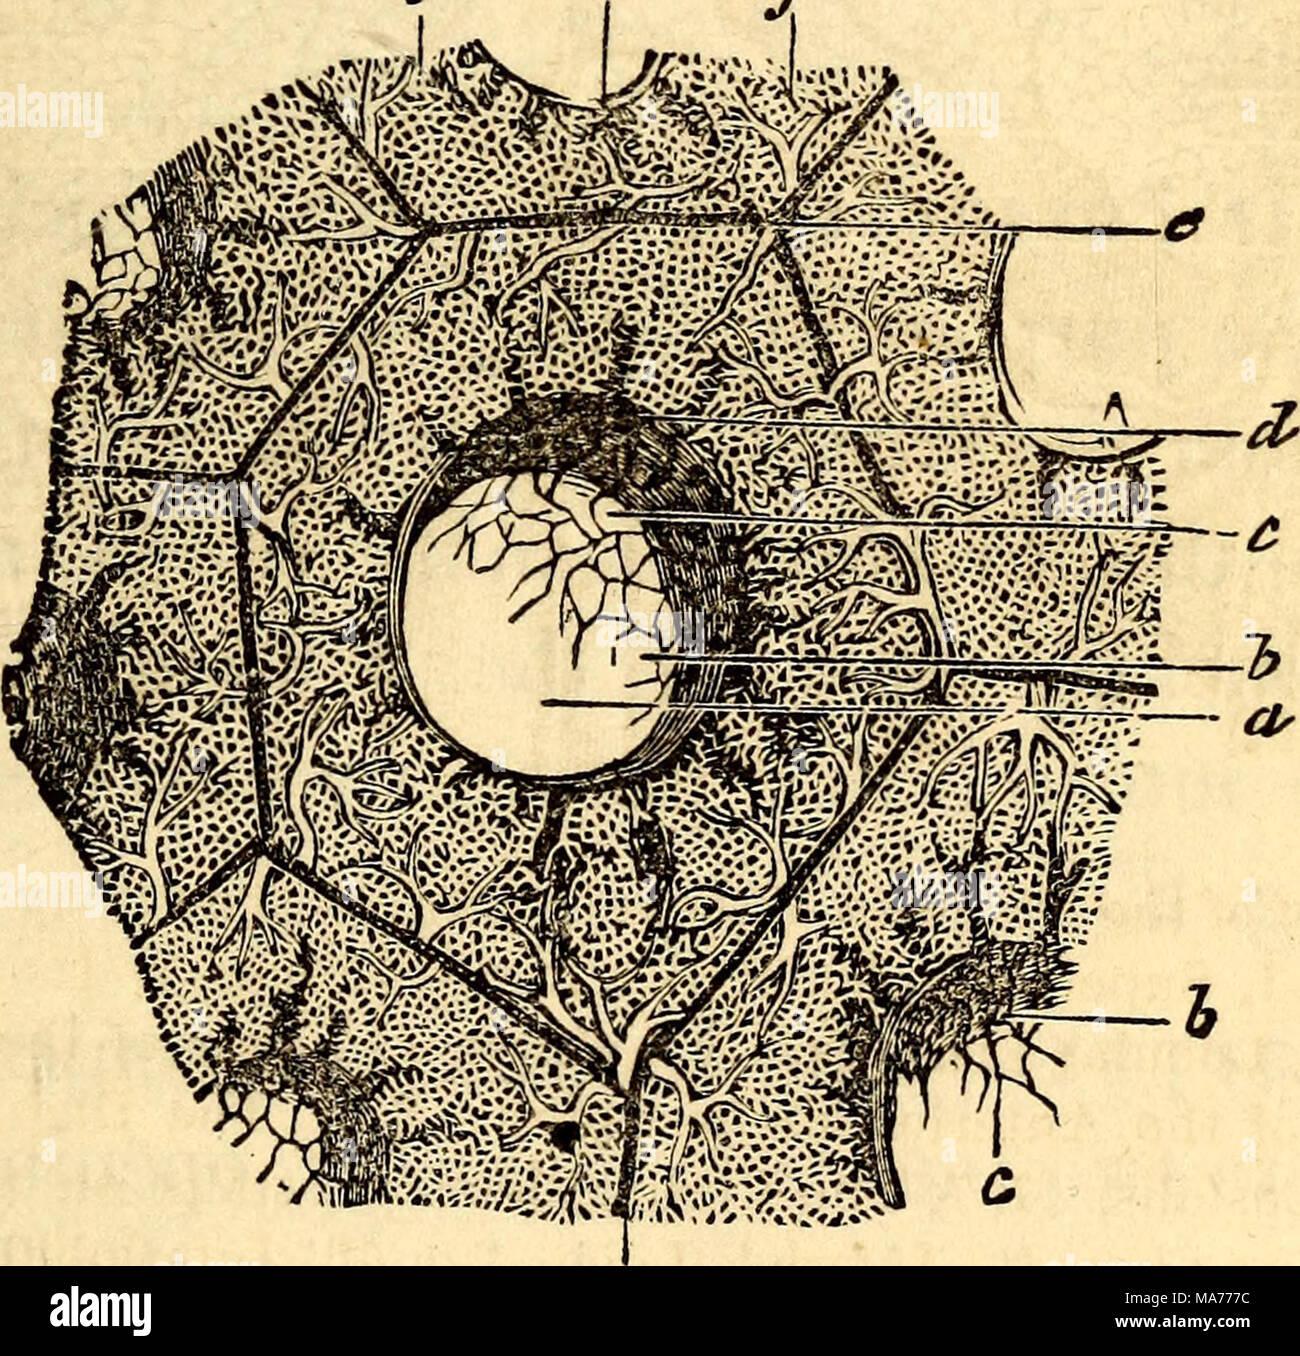 Vistoso Anatomía Y Fisiología Diferencia Viñeta - Anatomía de Las ...